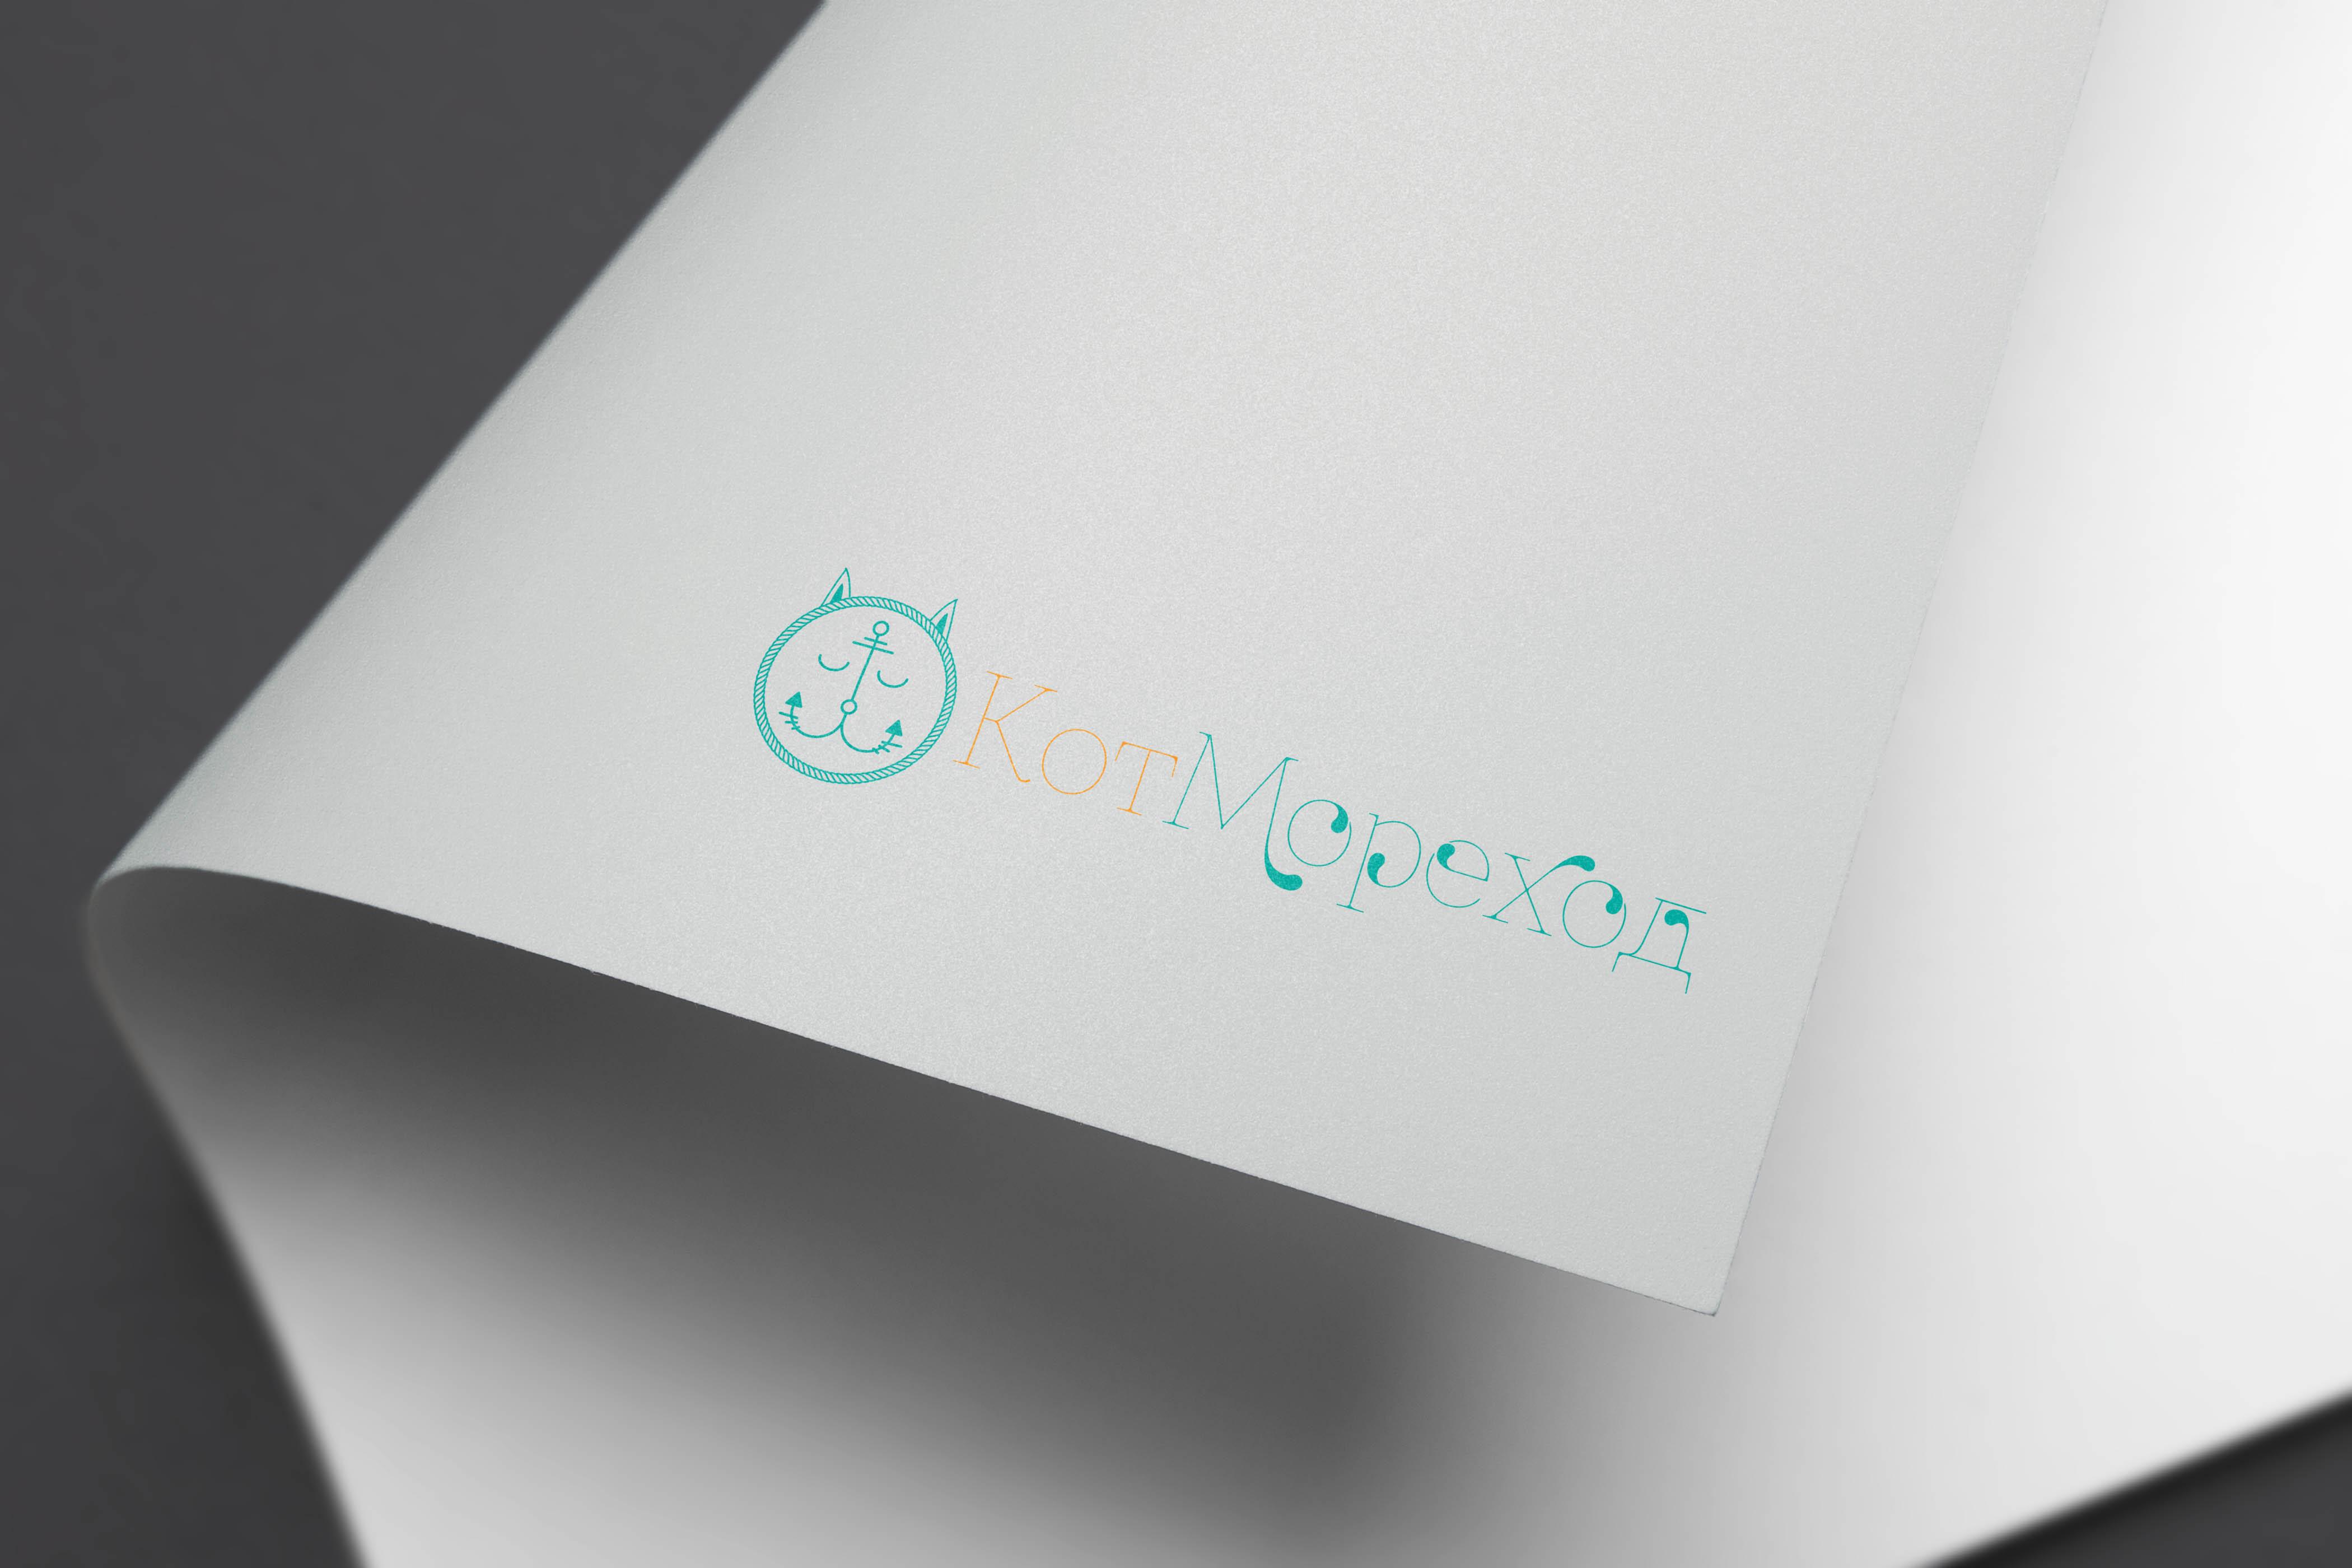 Разработка логотипа для детского центра фото f_4625d0231f7d1adb.jpg